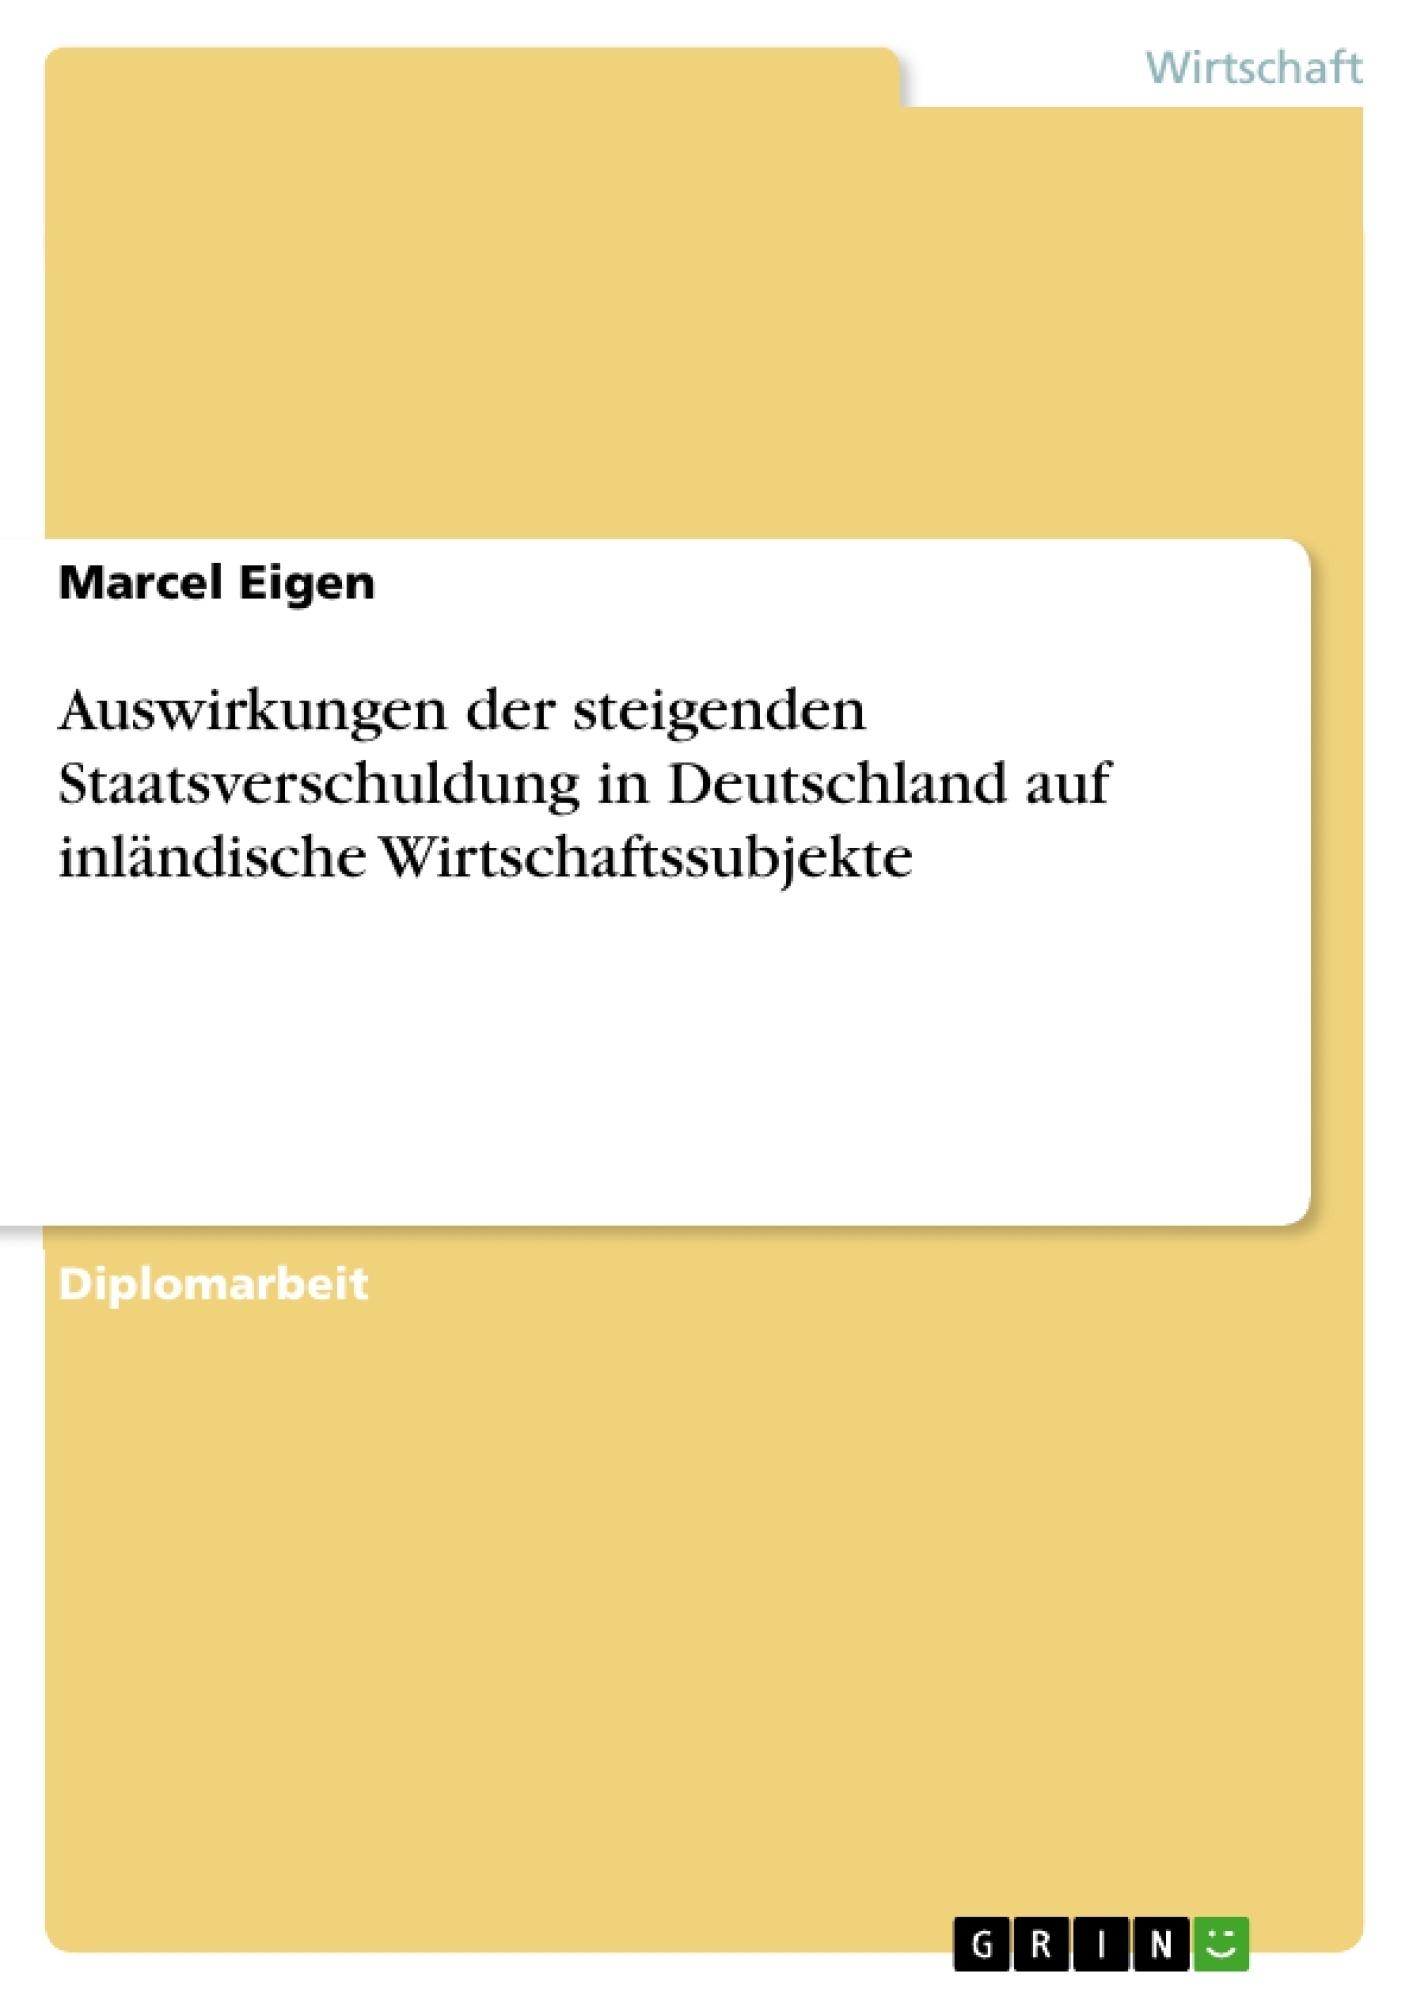 Titel: Auswirkungen der steigenden Staatsverschuldung in Deutschland auf inländische Wirtschaftssubjekte